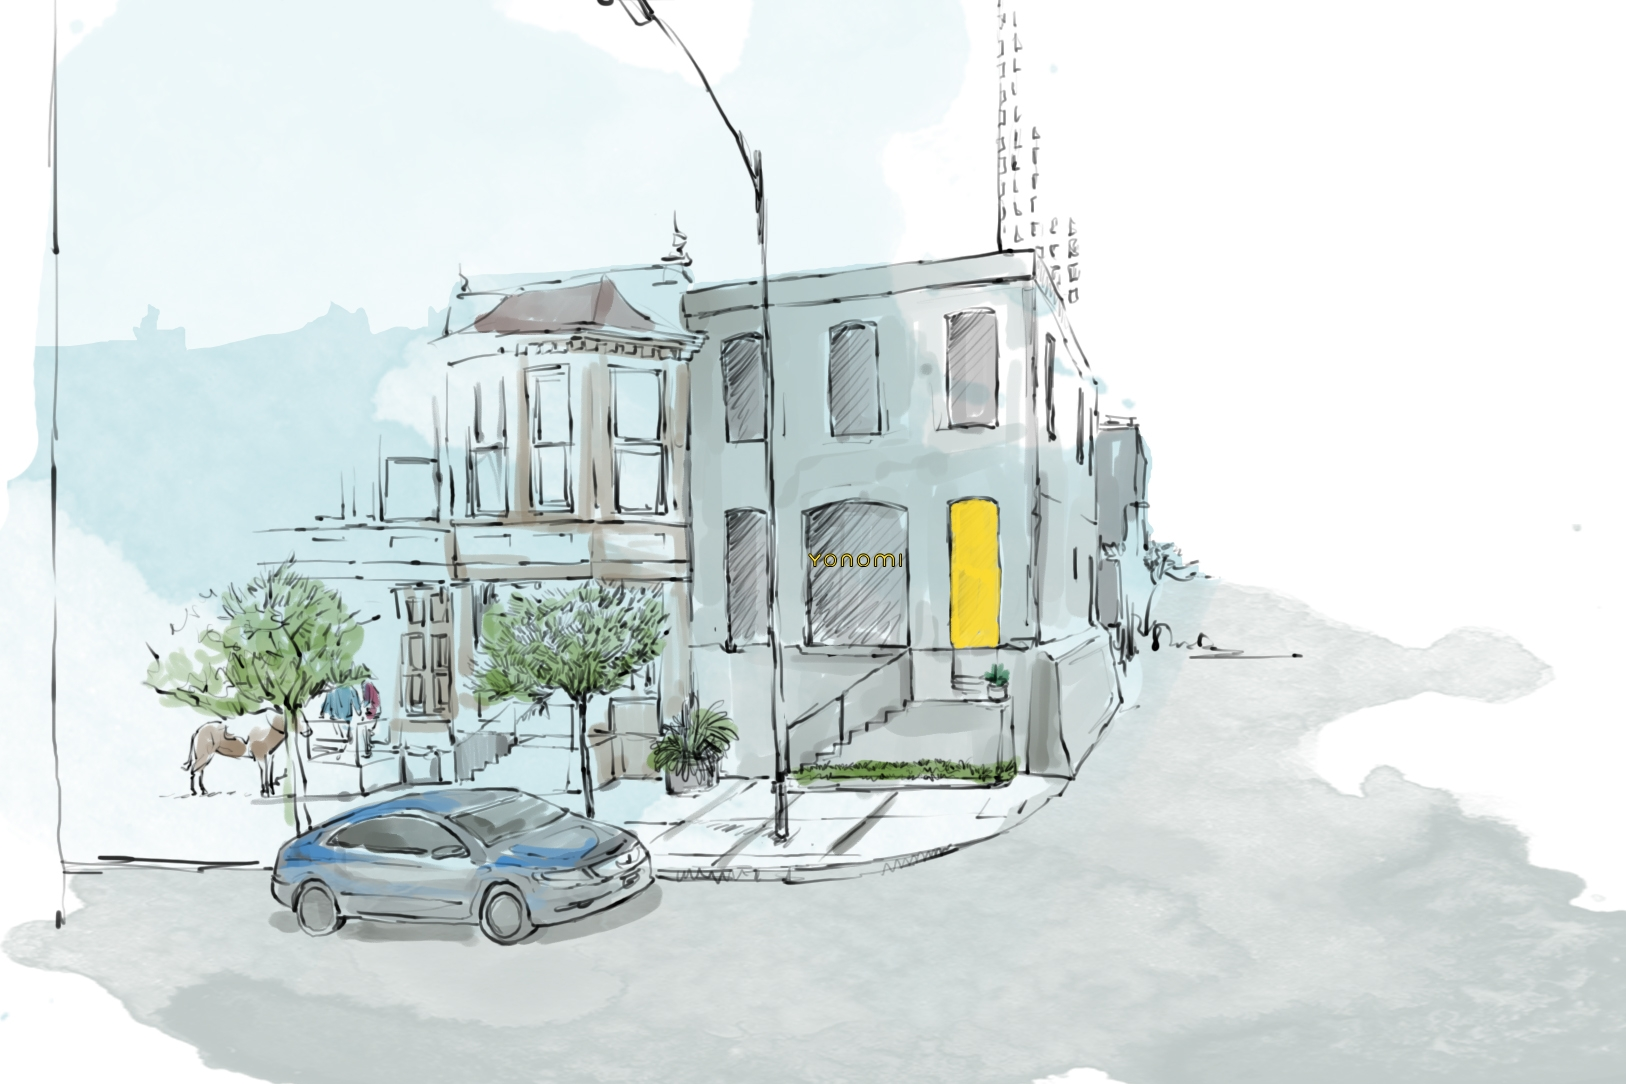 Yonomi - Yonomi Townhouse Sketch.jpg